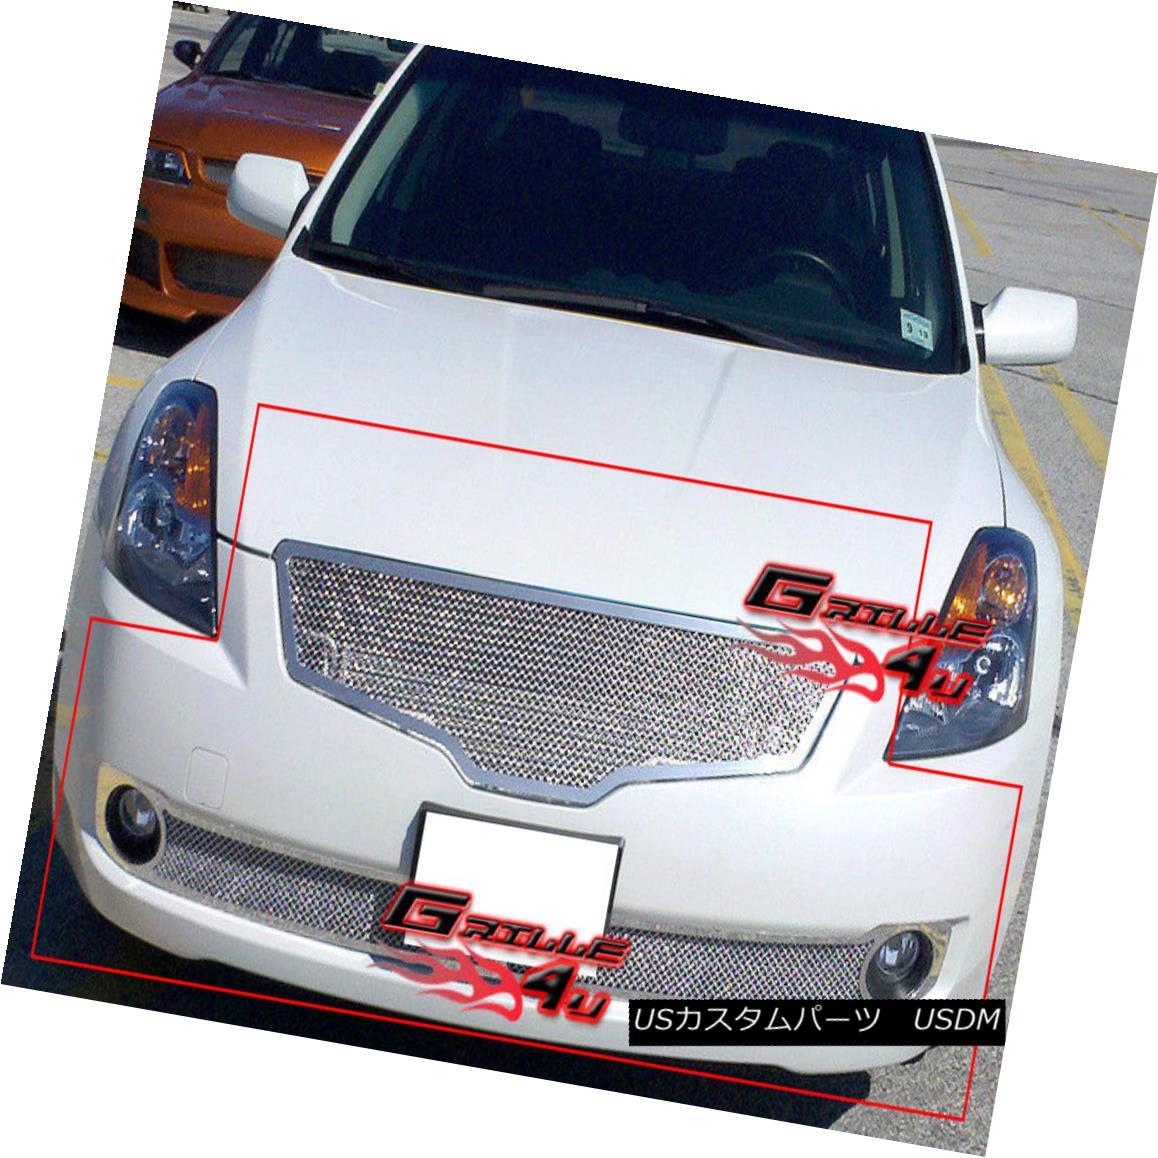 グリル Fits 2007-2009 Nissan Altima Sedan Stainless Mesh Grille Combo 2007?2009年の日産アルティマセダンステンレスメッシュグリルコンボ